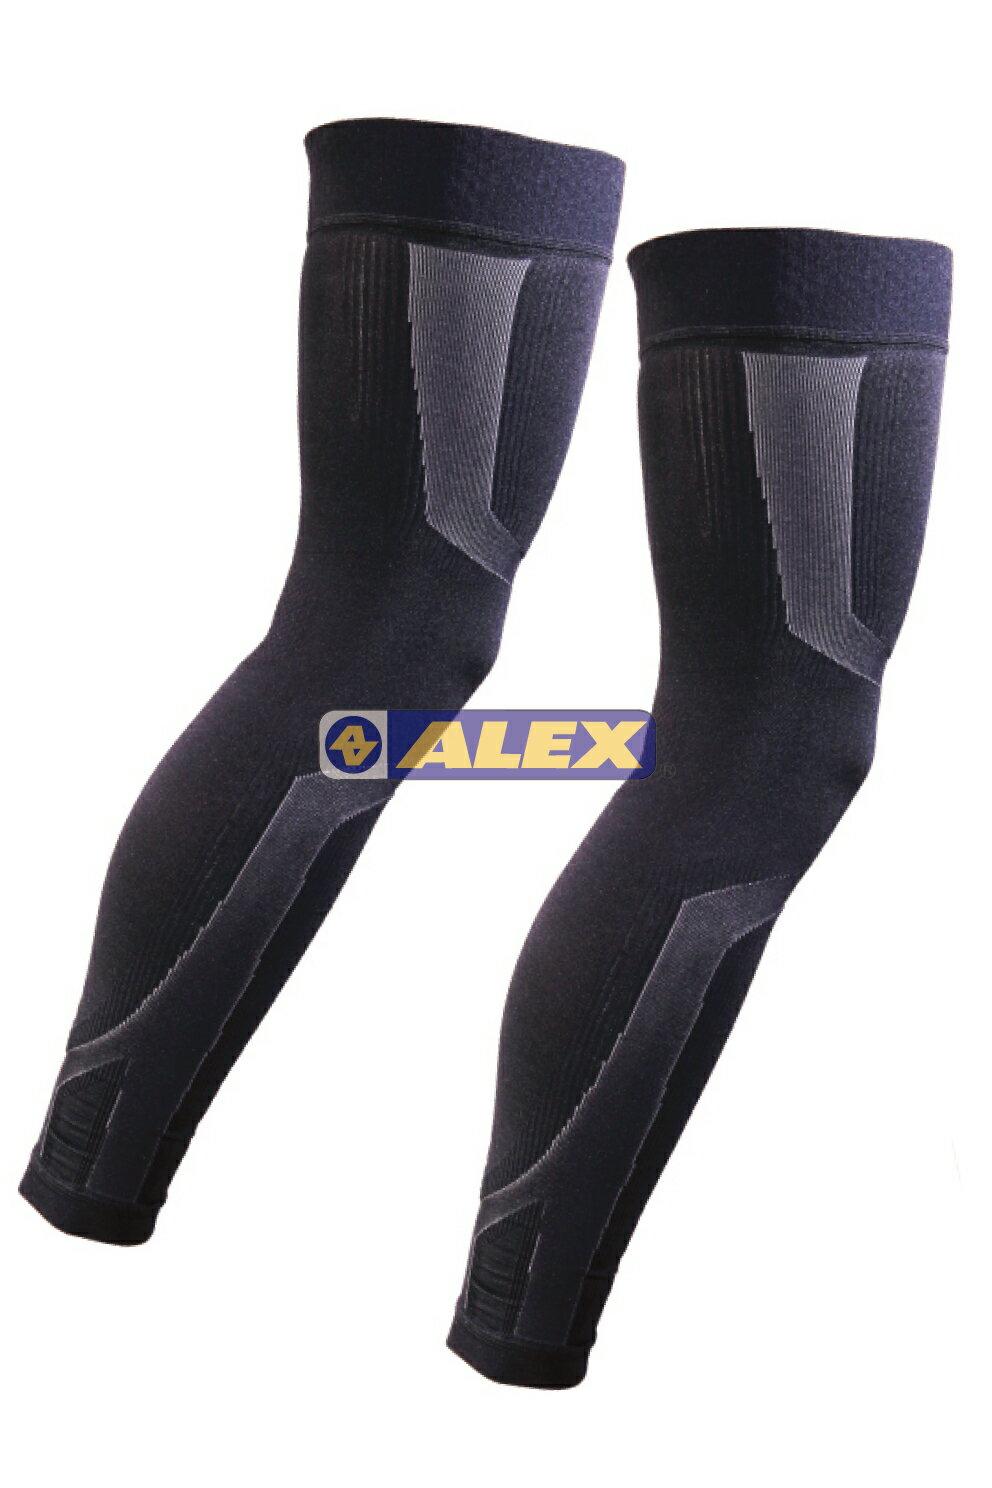 【登瑞體育】ALEX 壓縮全腿套(一雙) T73